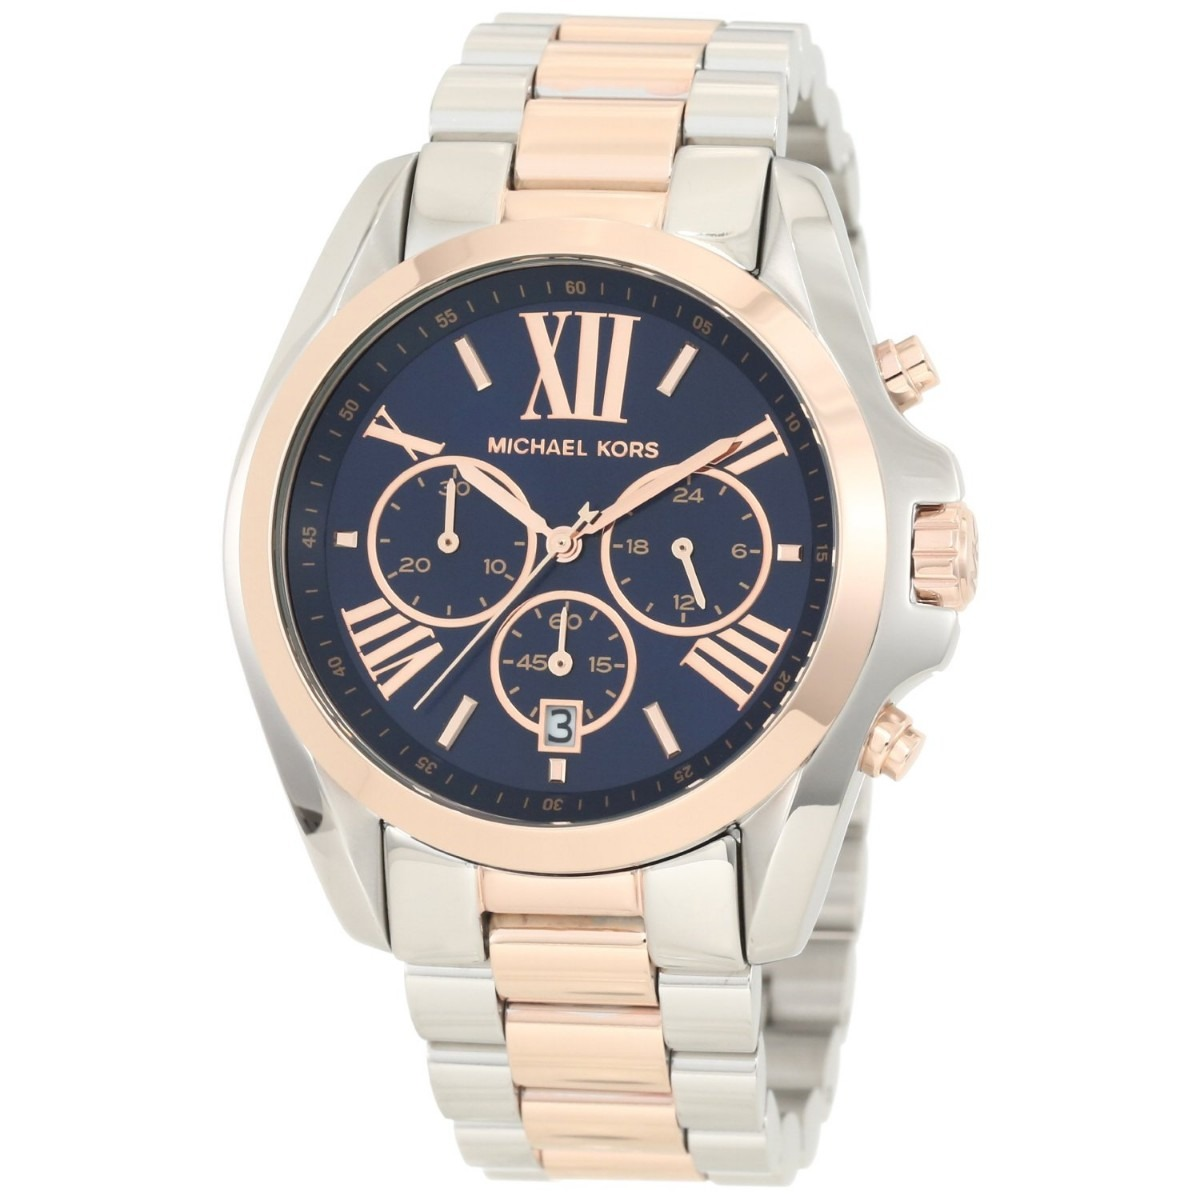 ddbfbedc8f374 Relógio Michael Kors Mk5606 Feminino Prata Azul Rose E Caixa - R ...